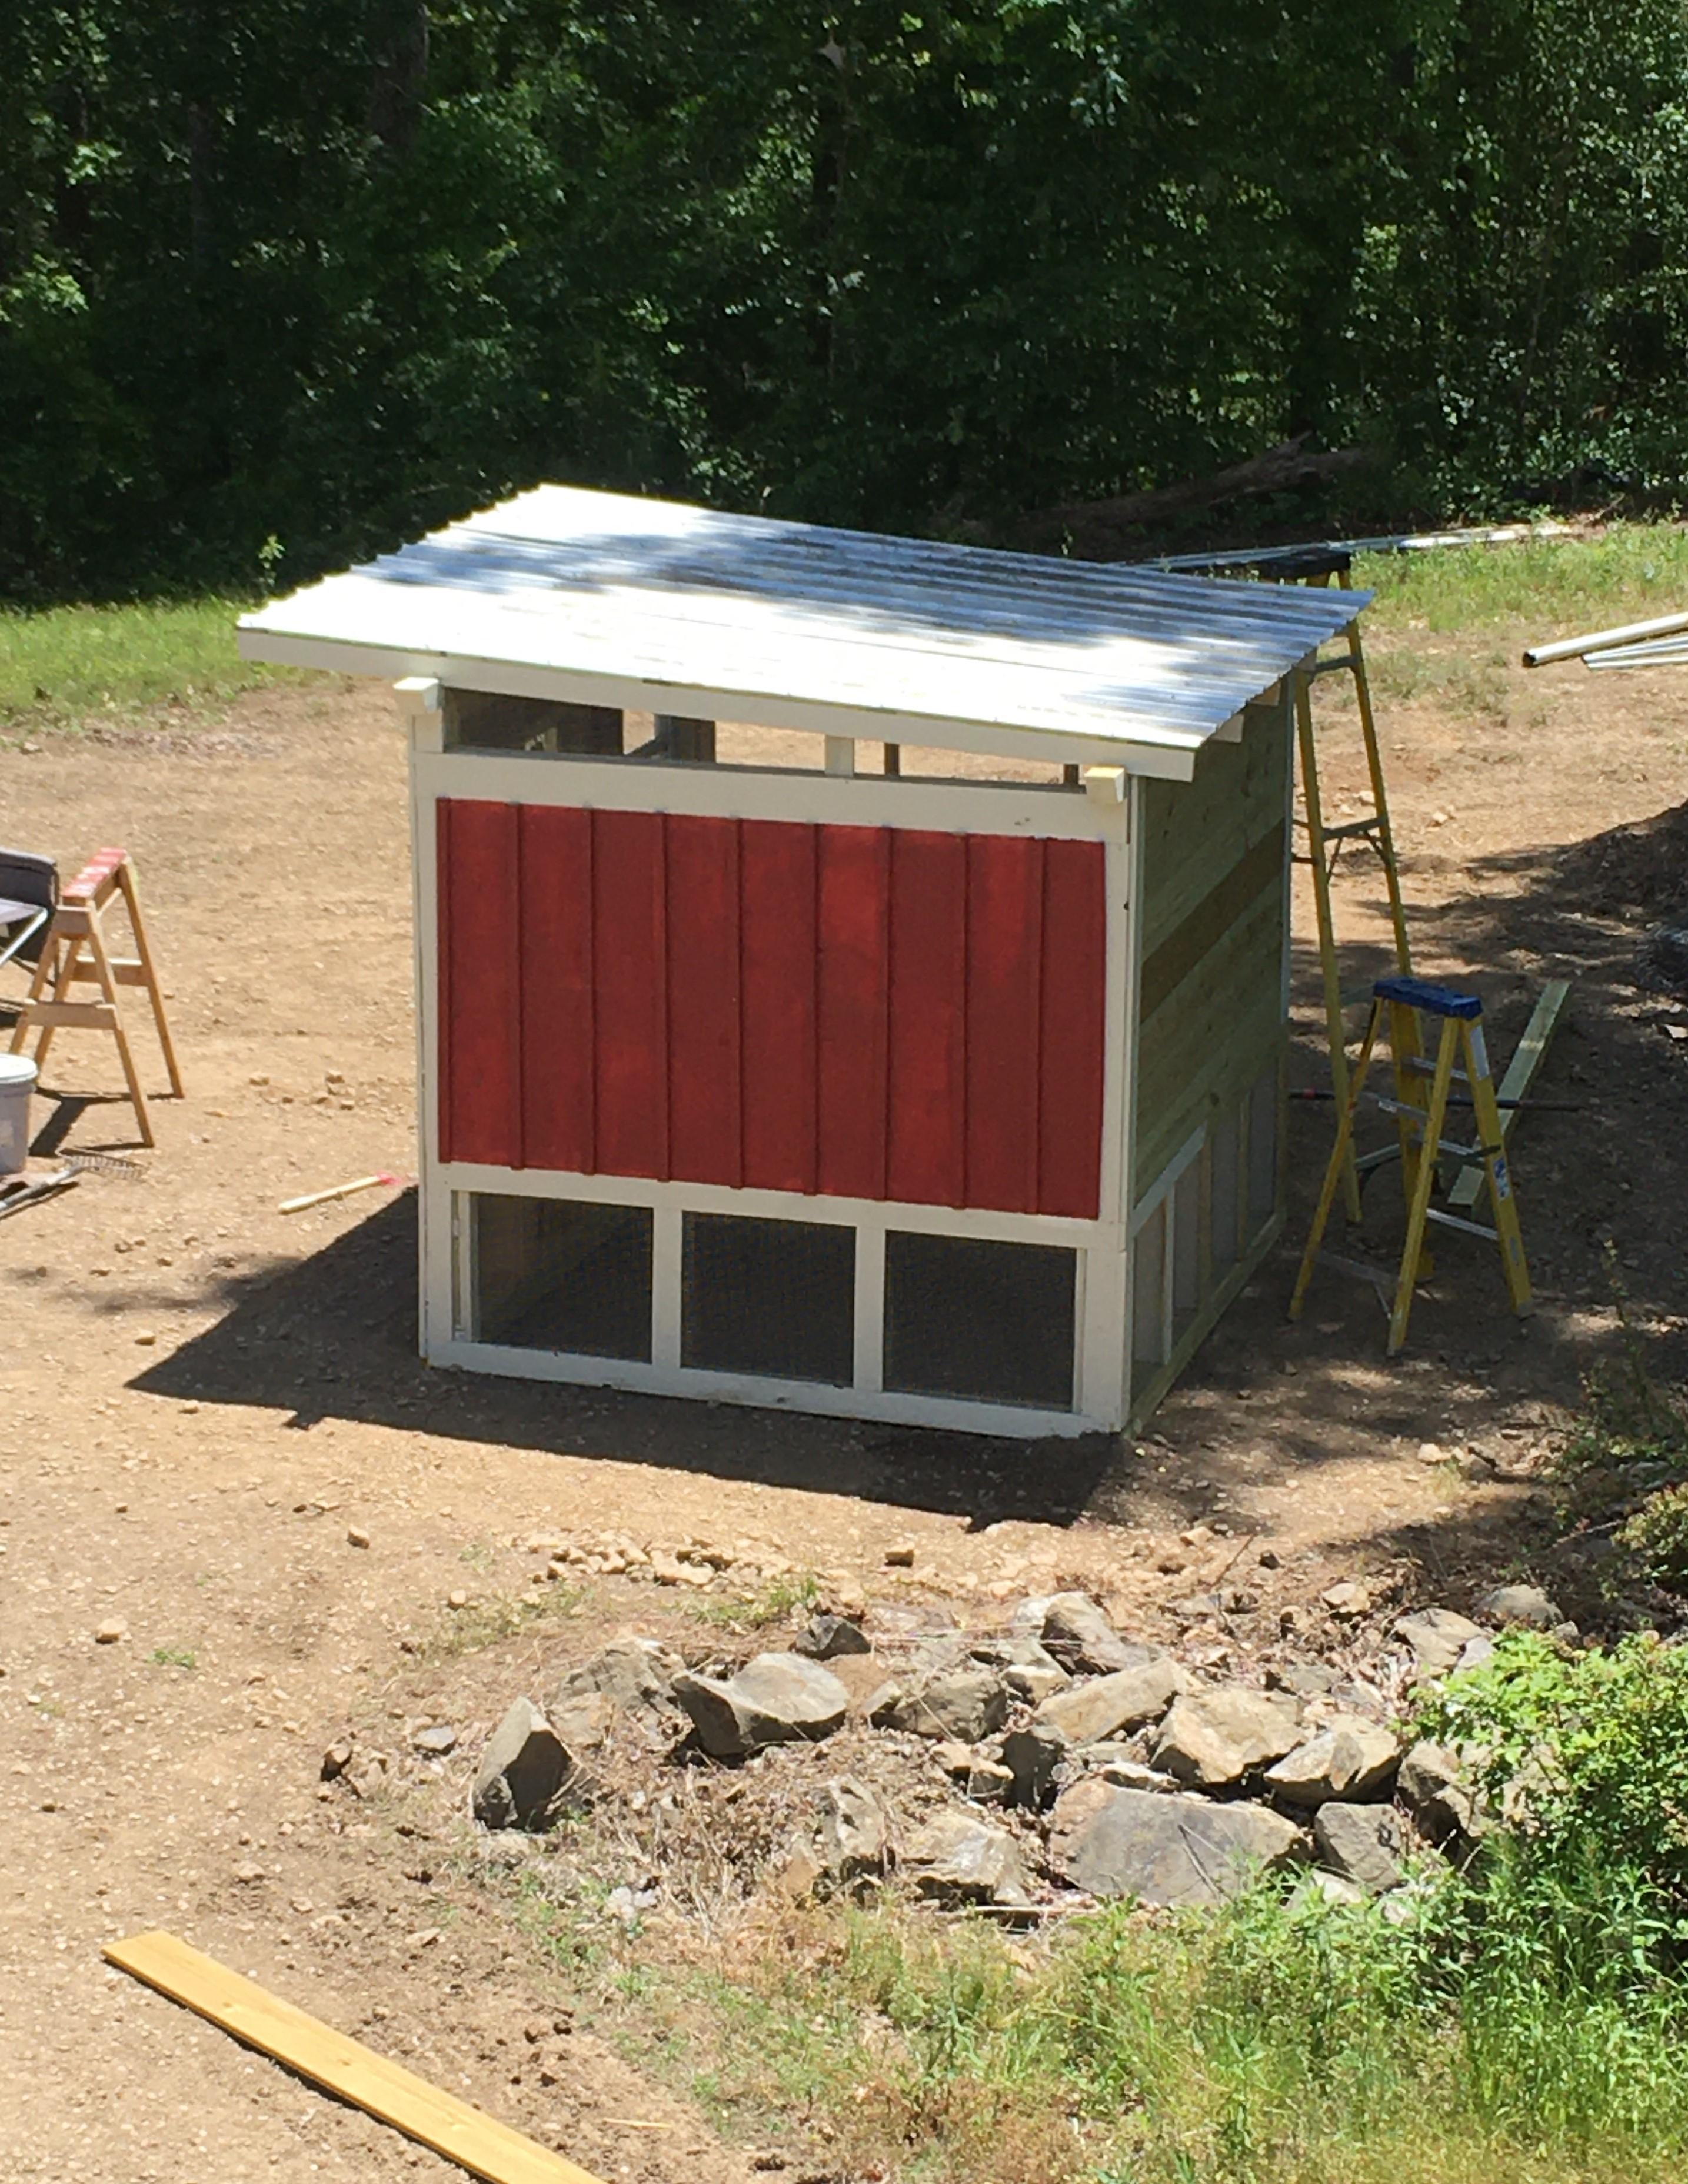 Slippy's Chicken Coop & Chicken Run Build!-coop-10.jpg